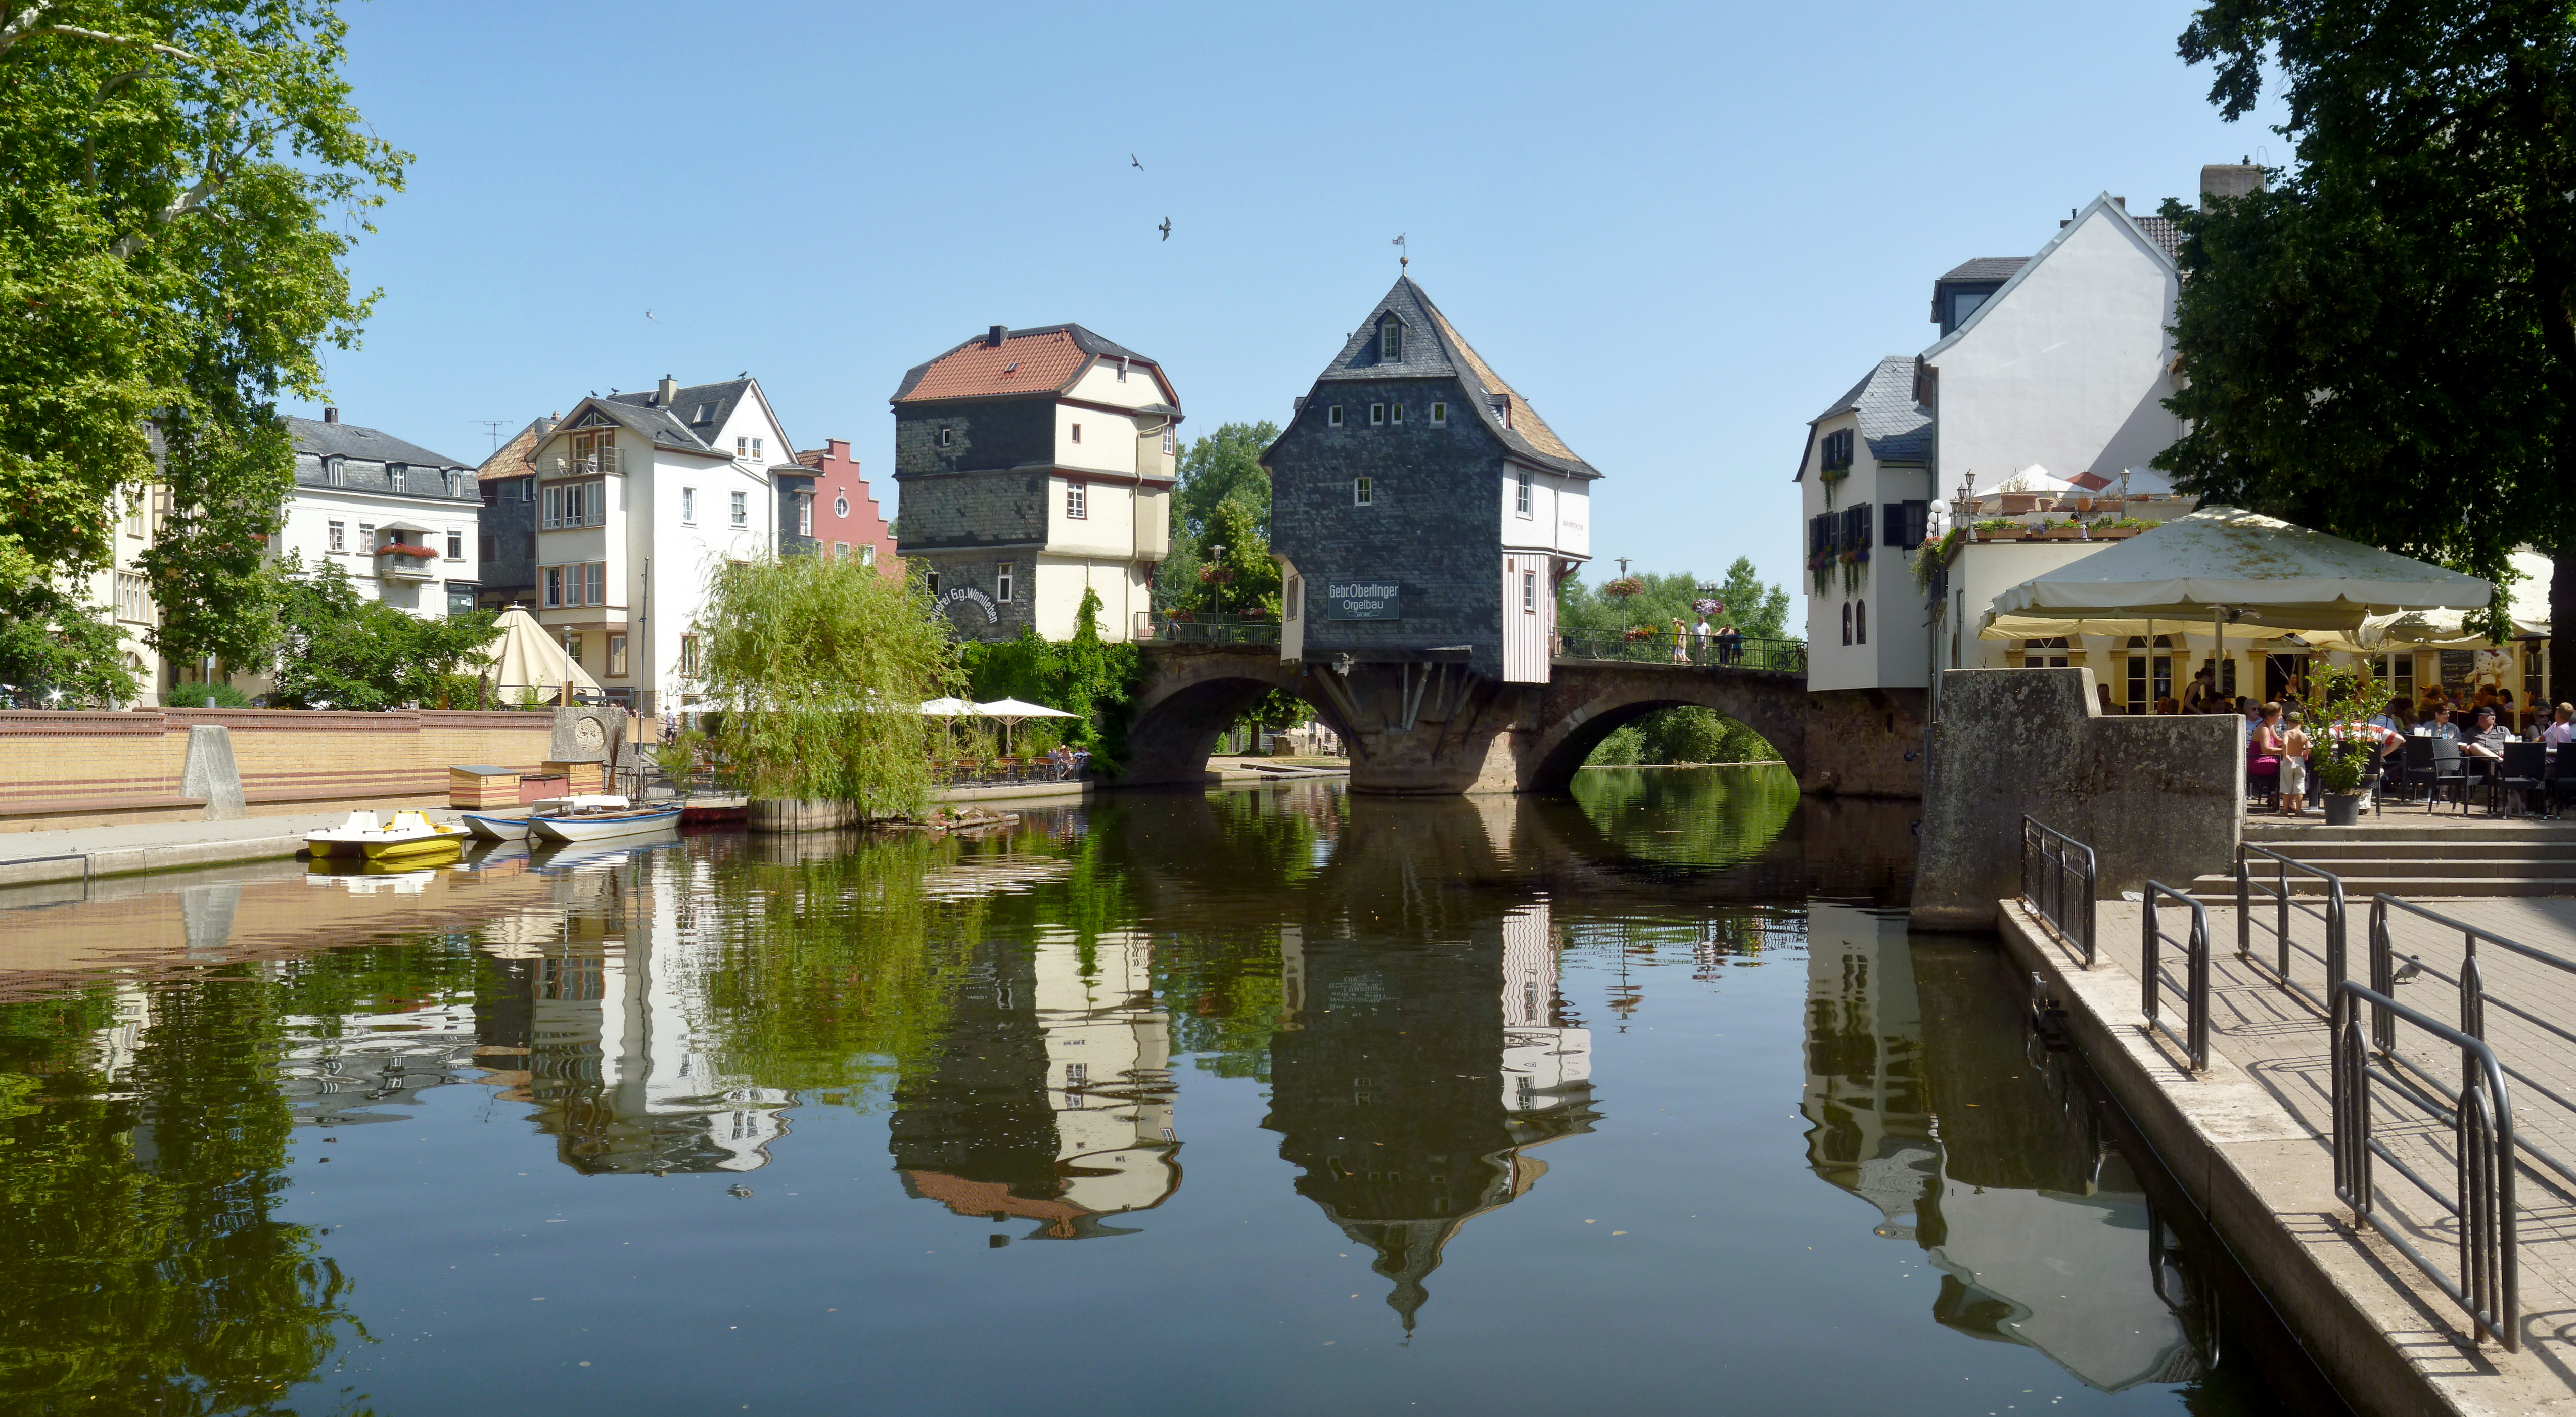 File:Alte Nahebrücke, Bad Kreuznach, 5 changed2.jpg